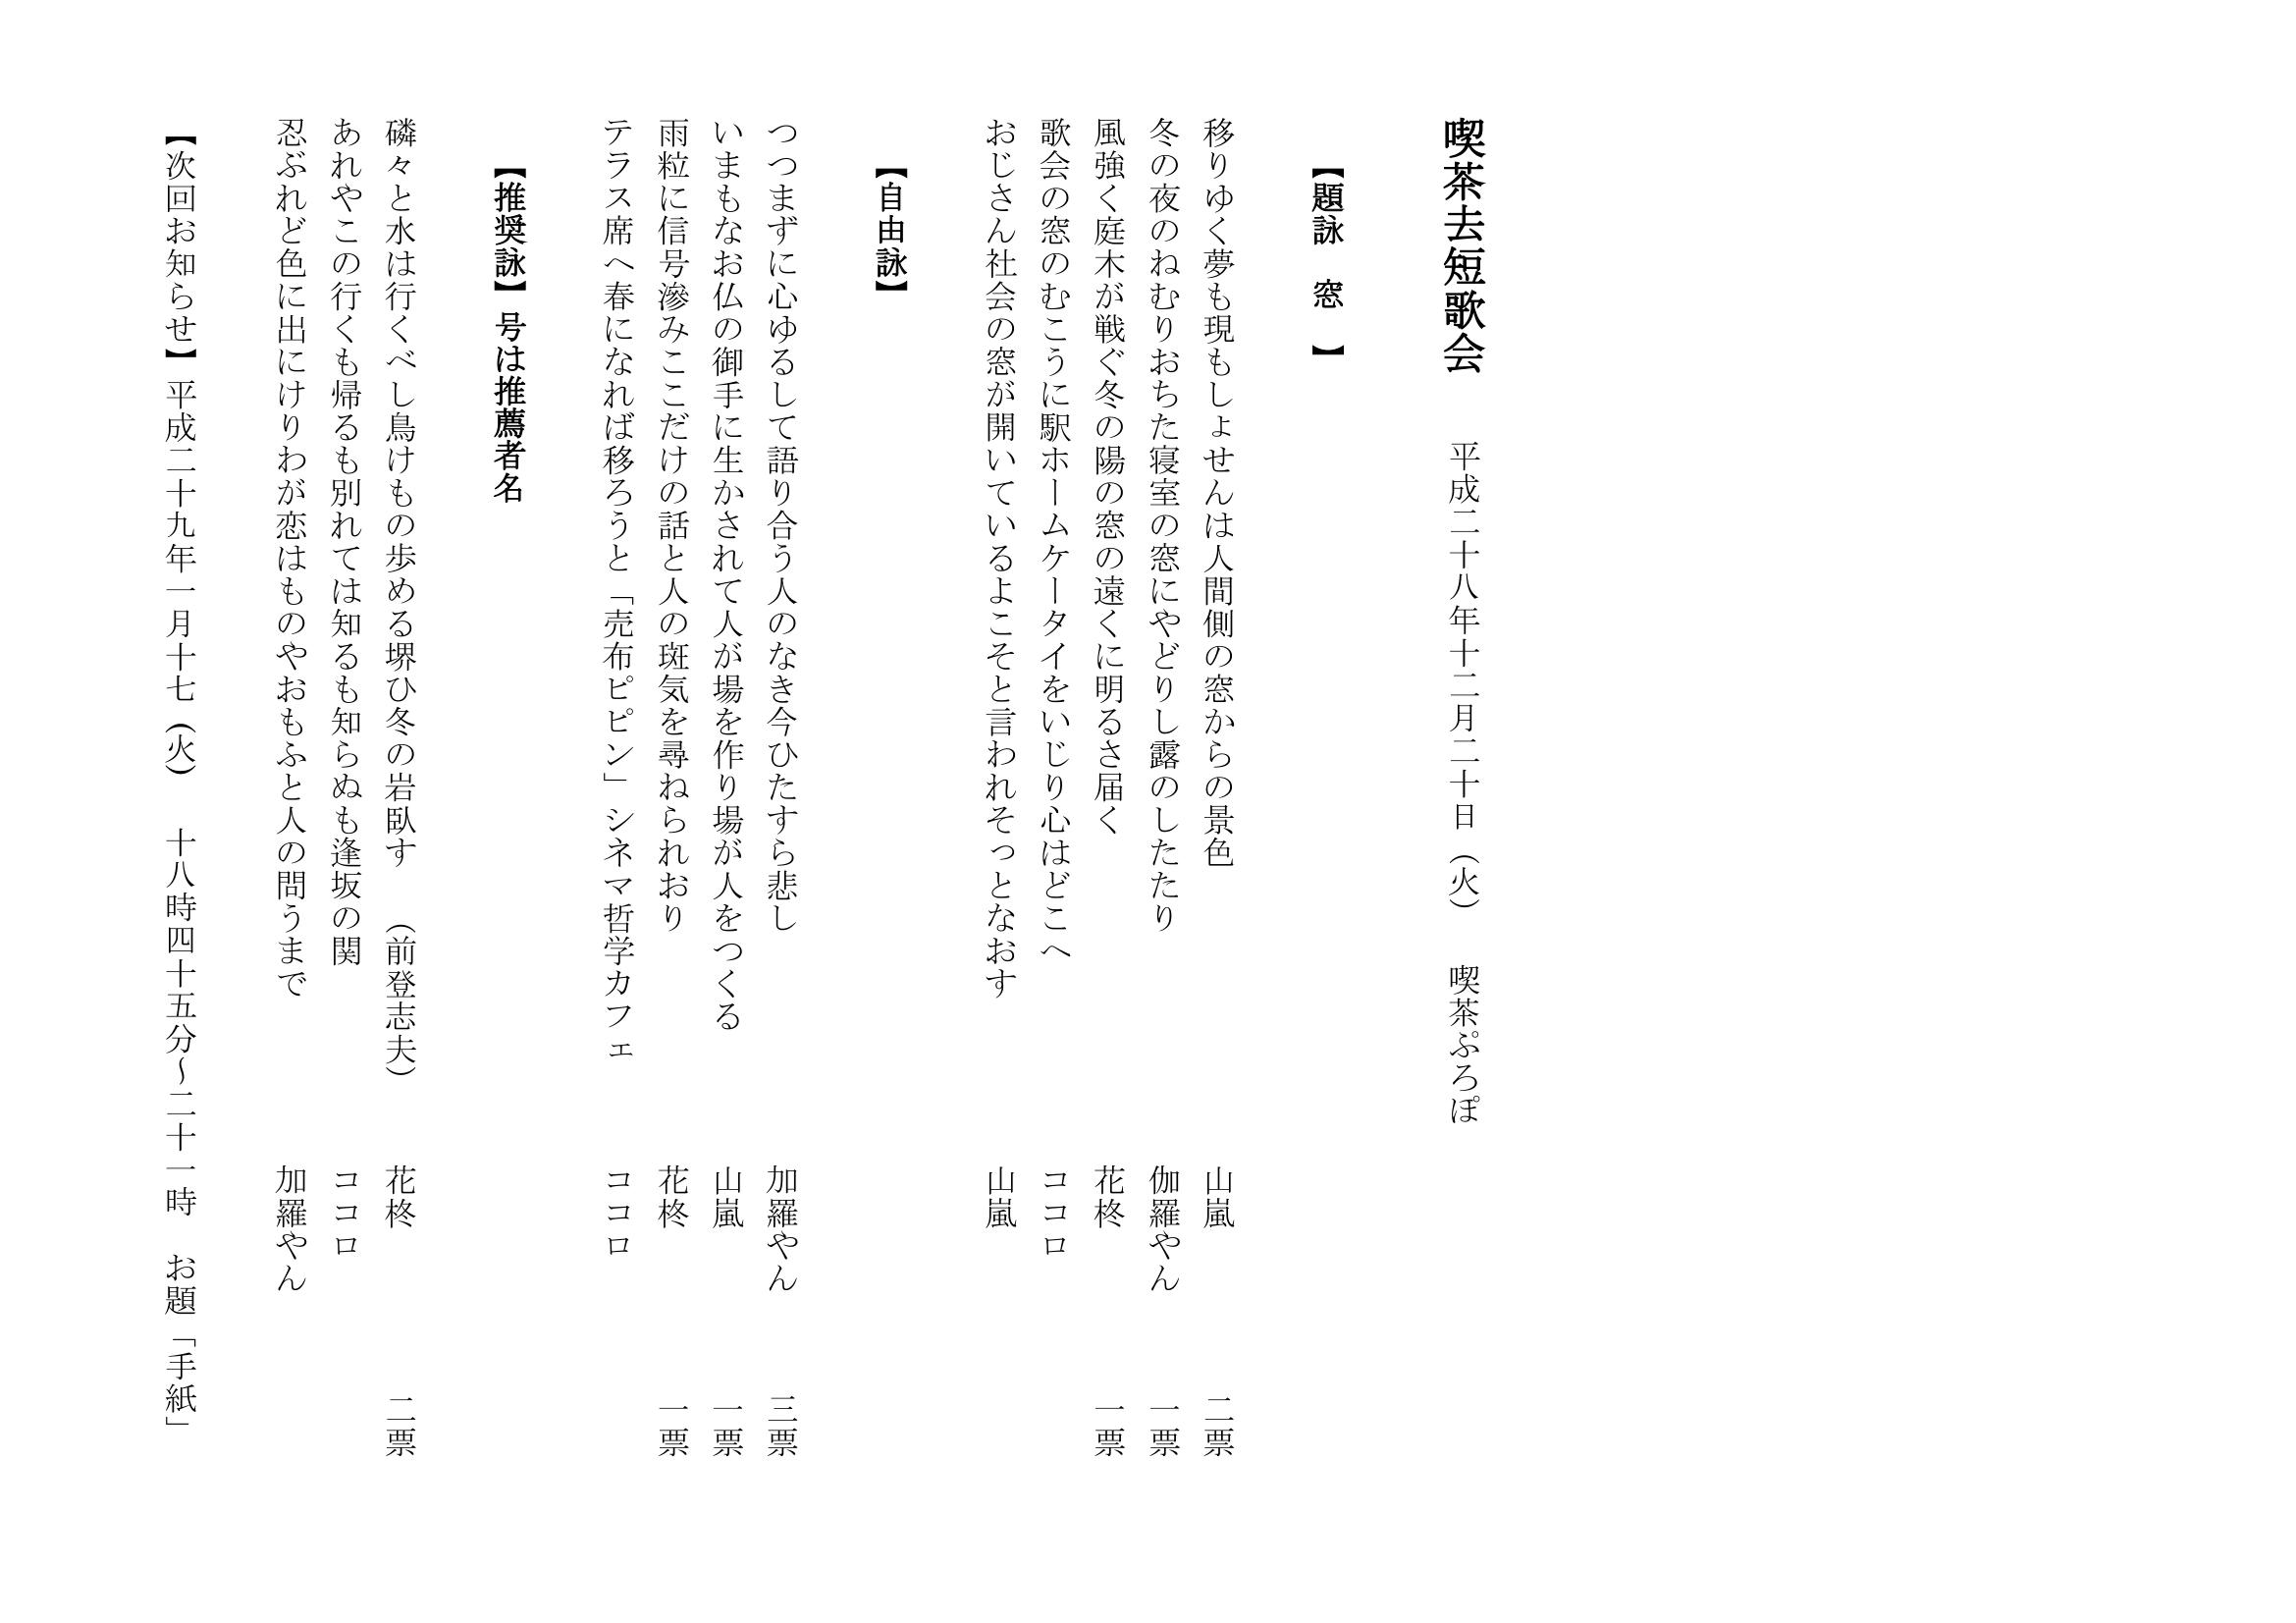 01612喫茶去短歌会12月 (2)